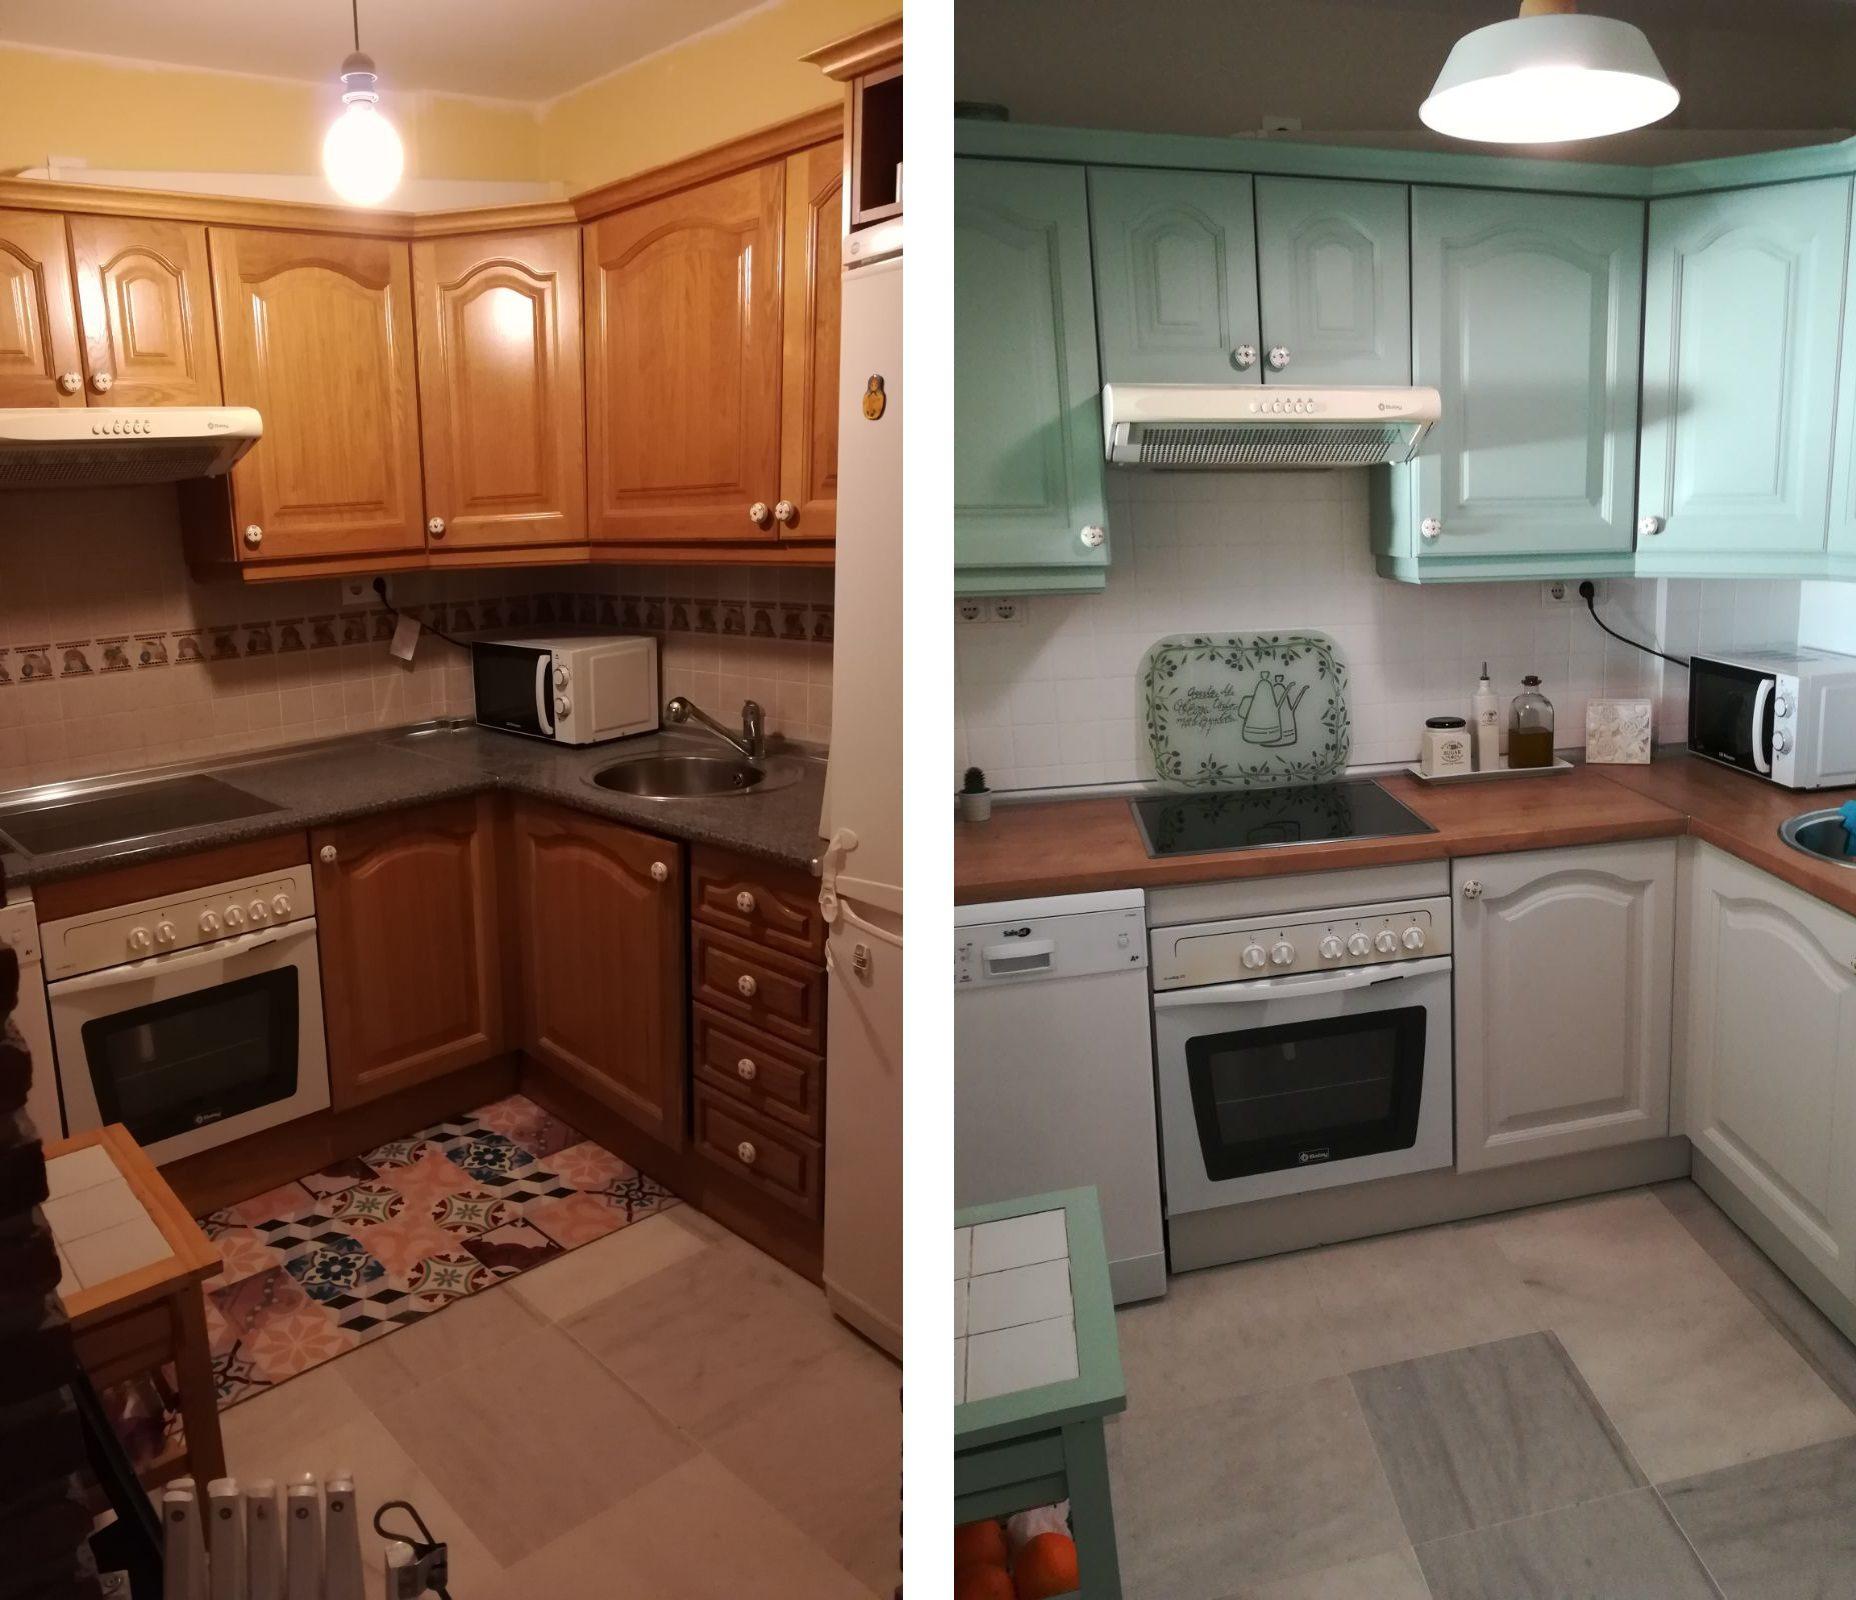 4ee9e9450bb3 Veamos paso a paso cómo pintar muebles de cocina. Pero antes quiero aclarar  que lo mismo que explico aquí sirve para las puertas o los azulejos (en  éstos ...